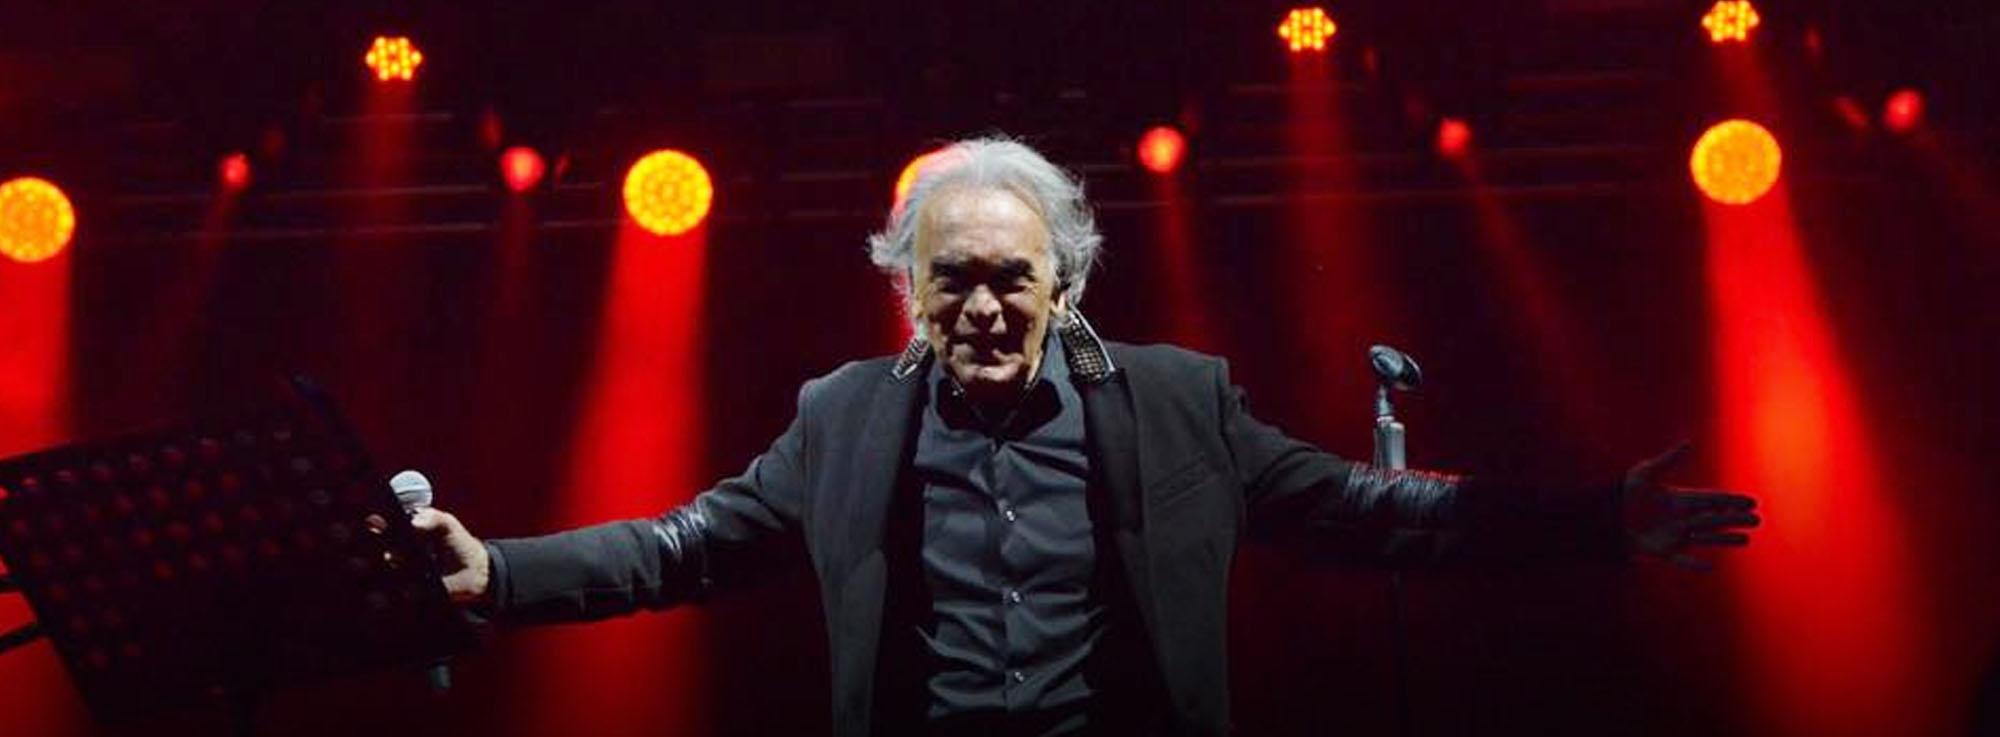 Terlizzi: Riccardo Fogli in concerto